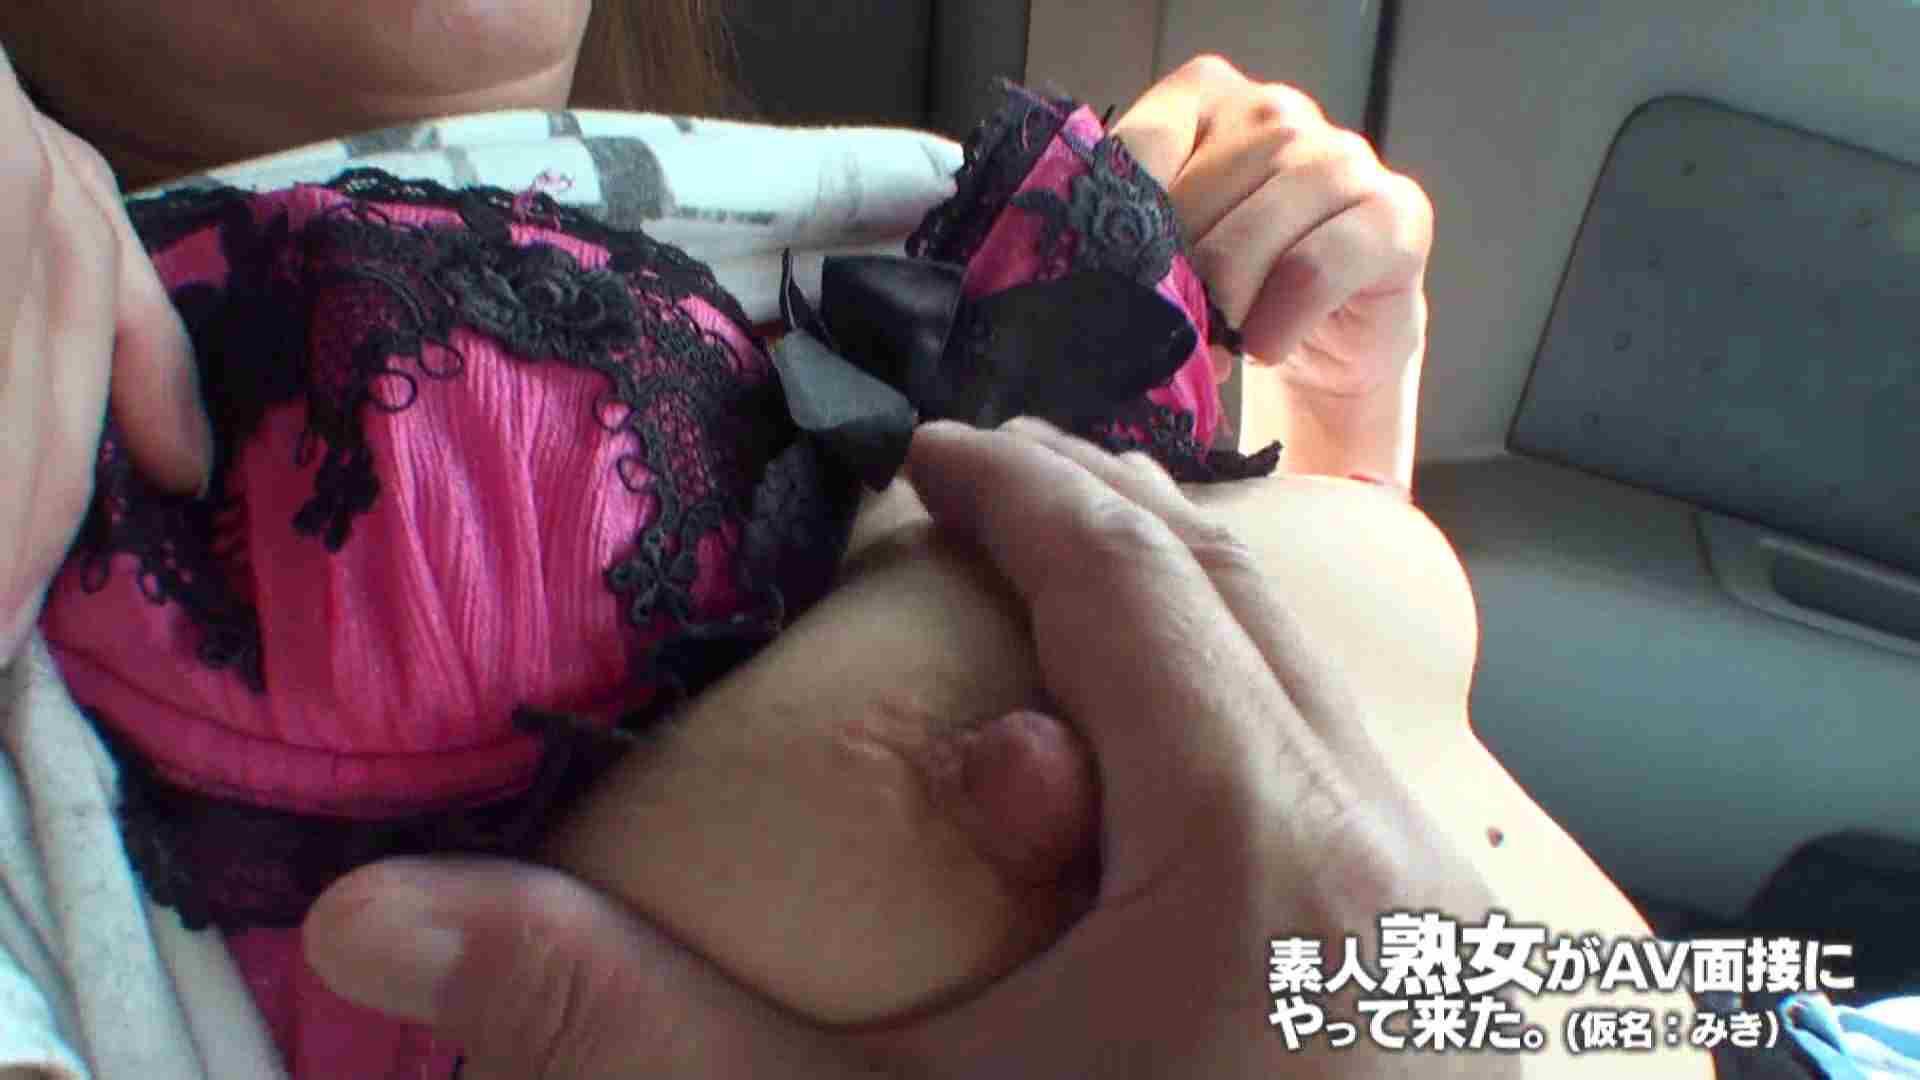 素人熟女がAV面接にやってきた (熟女)みきさんVOL.02 車 | 熟女の裸体  84画像 53